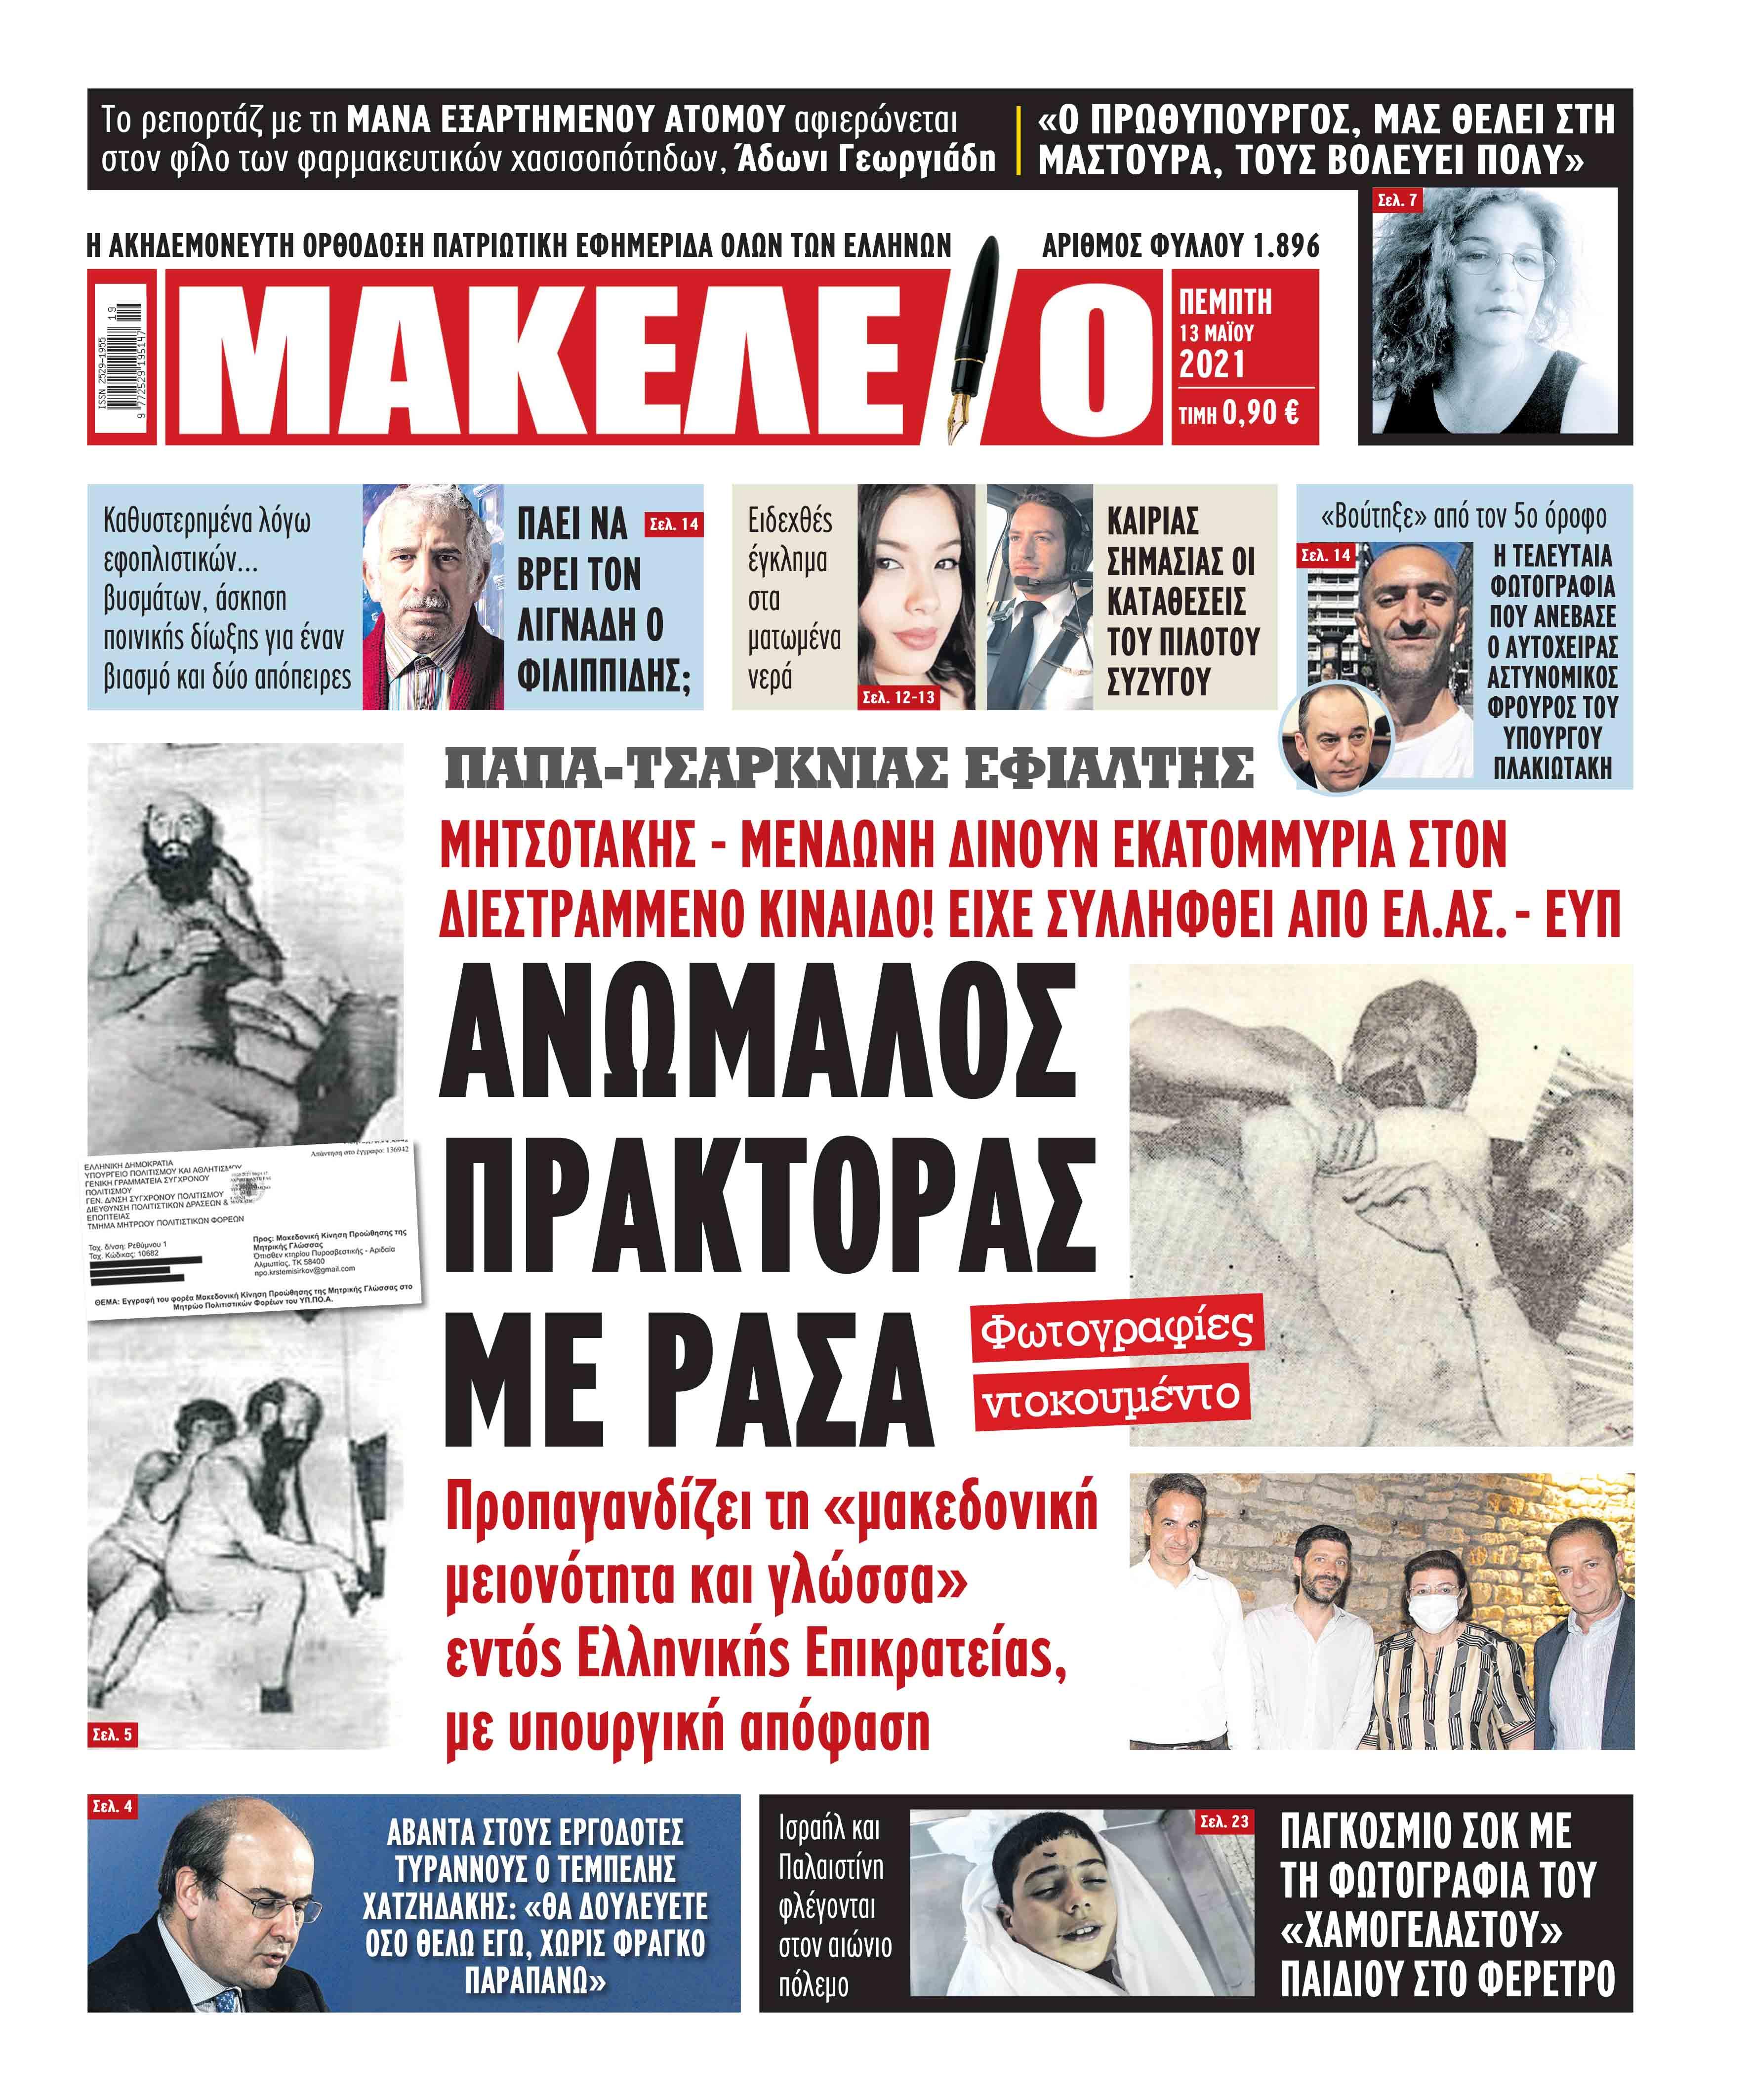 makeleio 01 13-05-2021